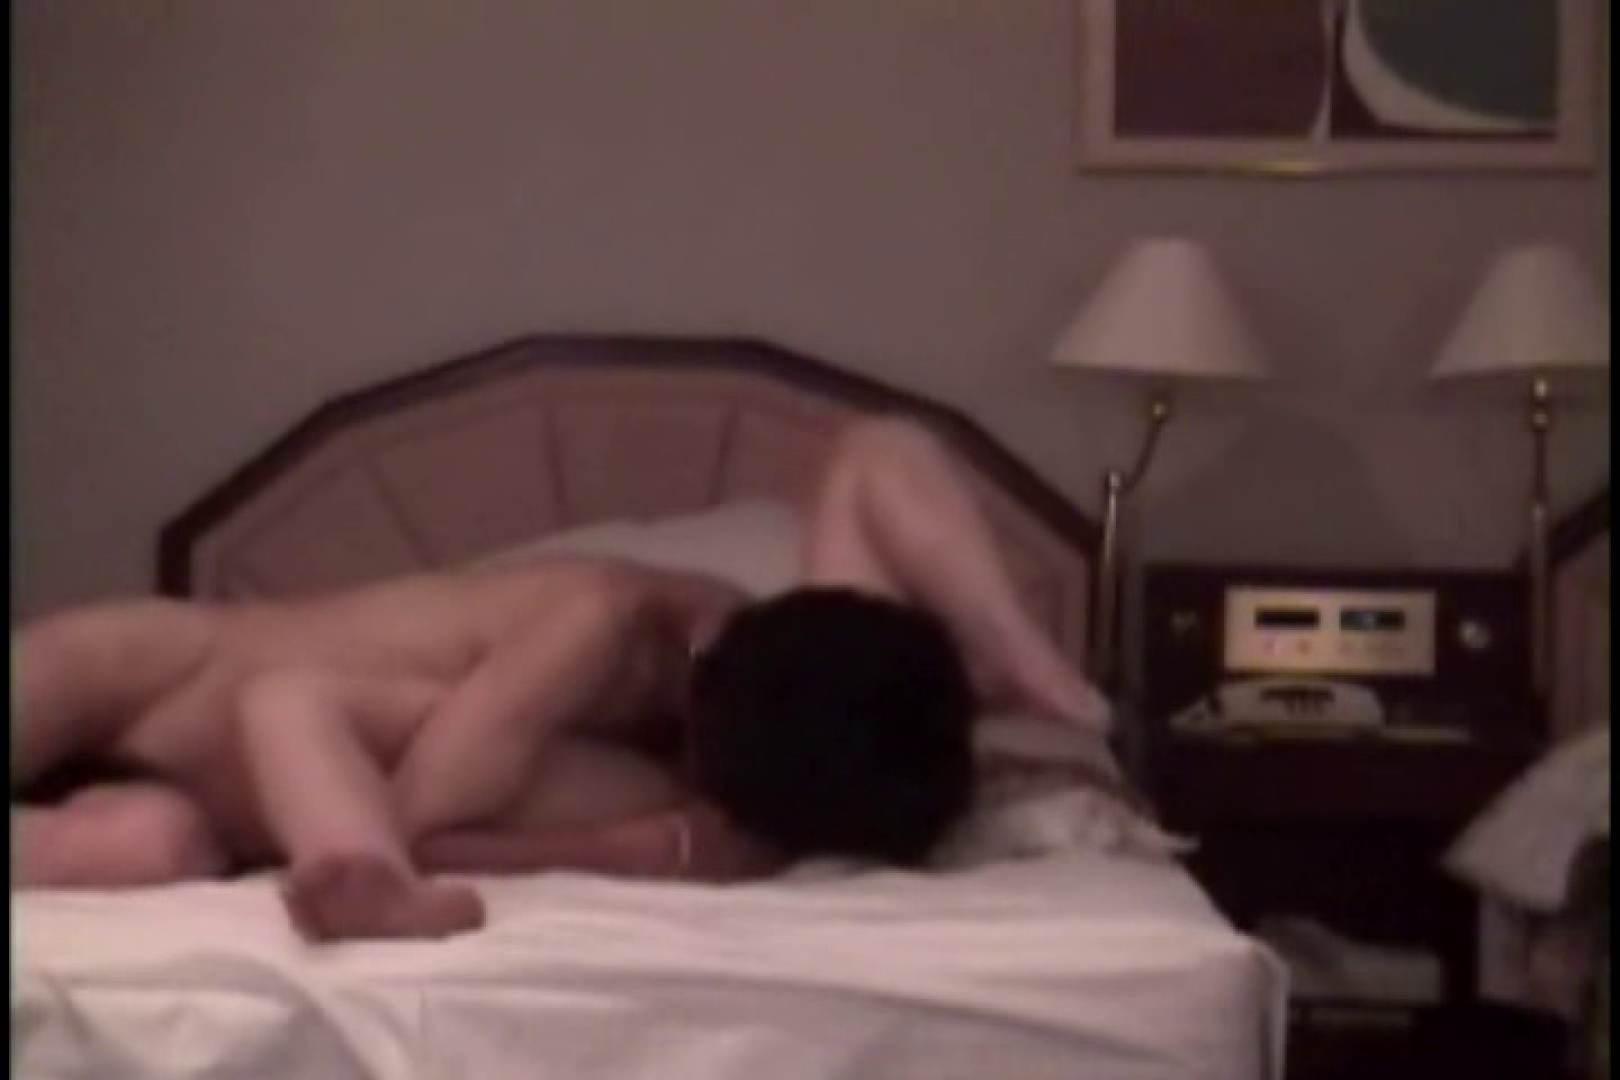 ホテルに抱かれに来る美熟女 熟女の裸体 | 一般投稿  71画像 11